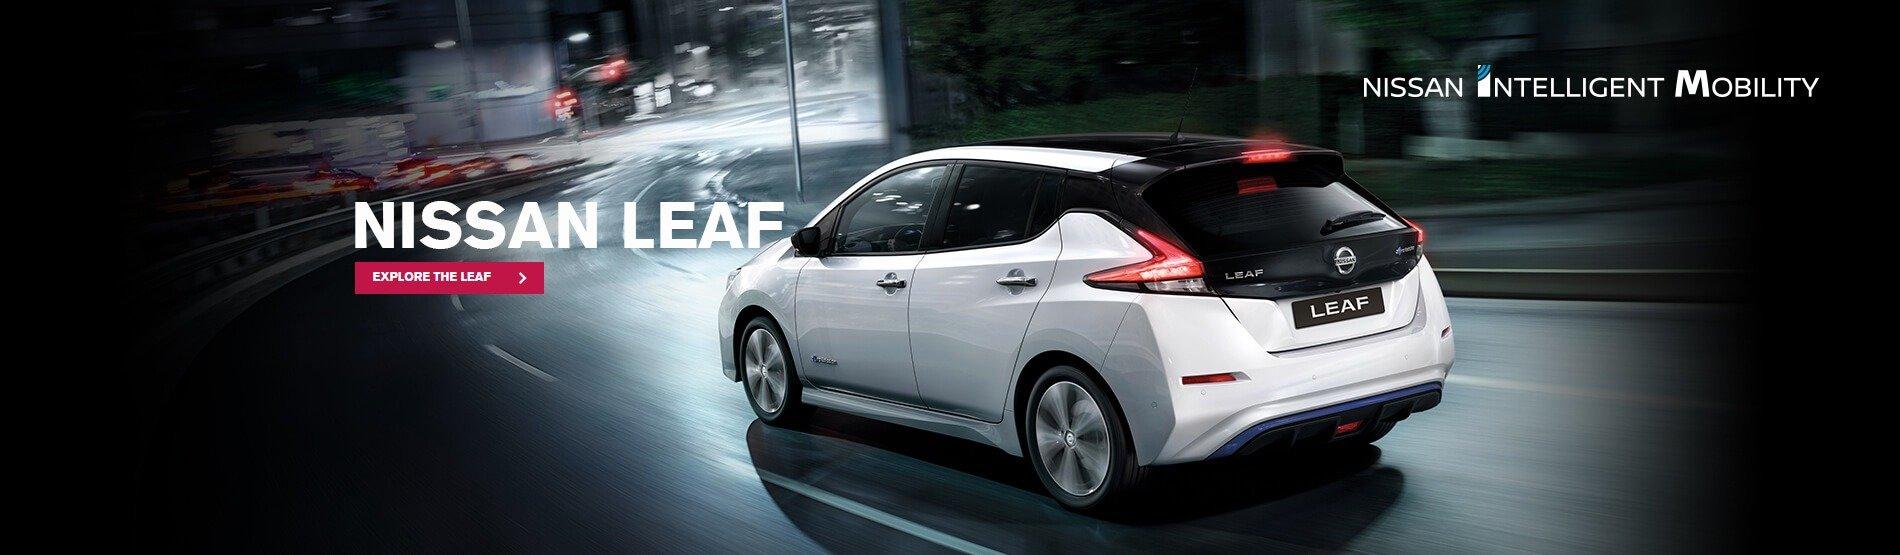 Nissan Leaf - Simpy Amazing